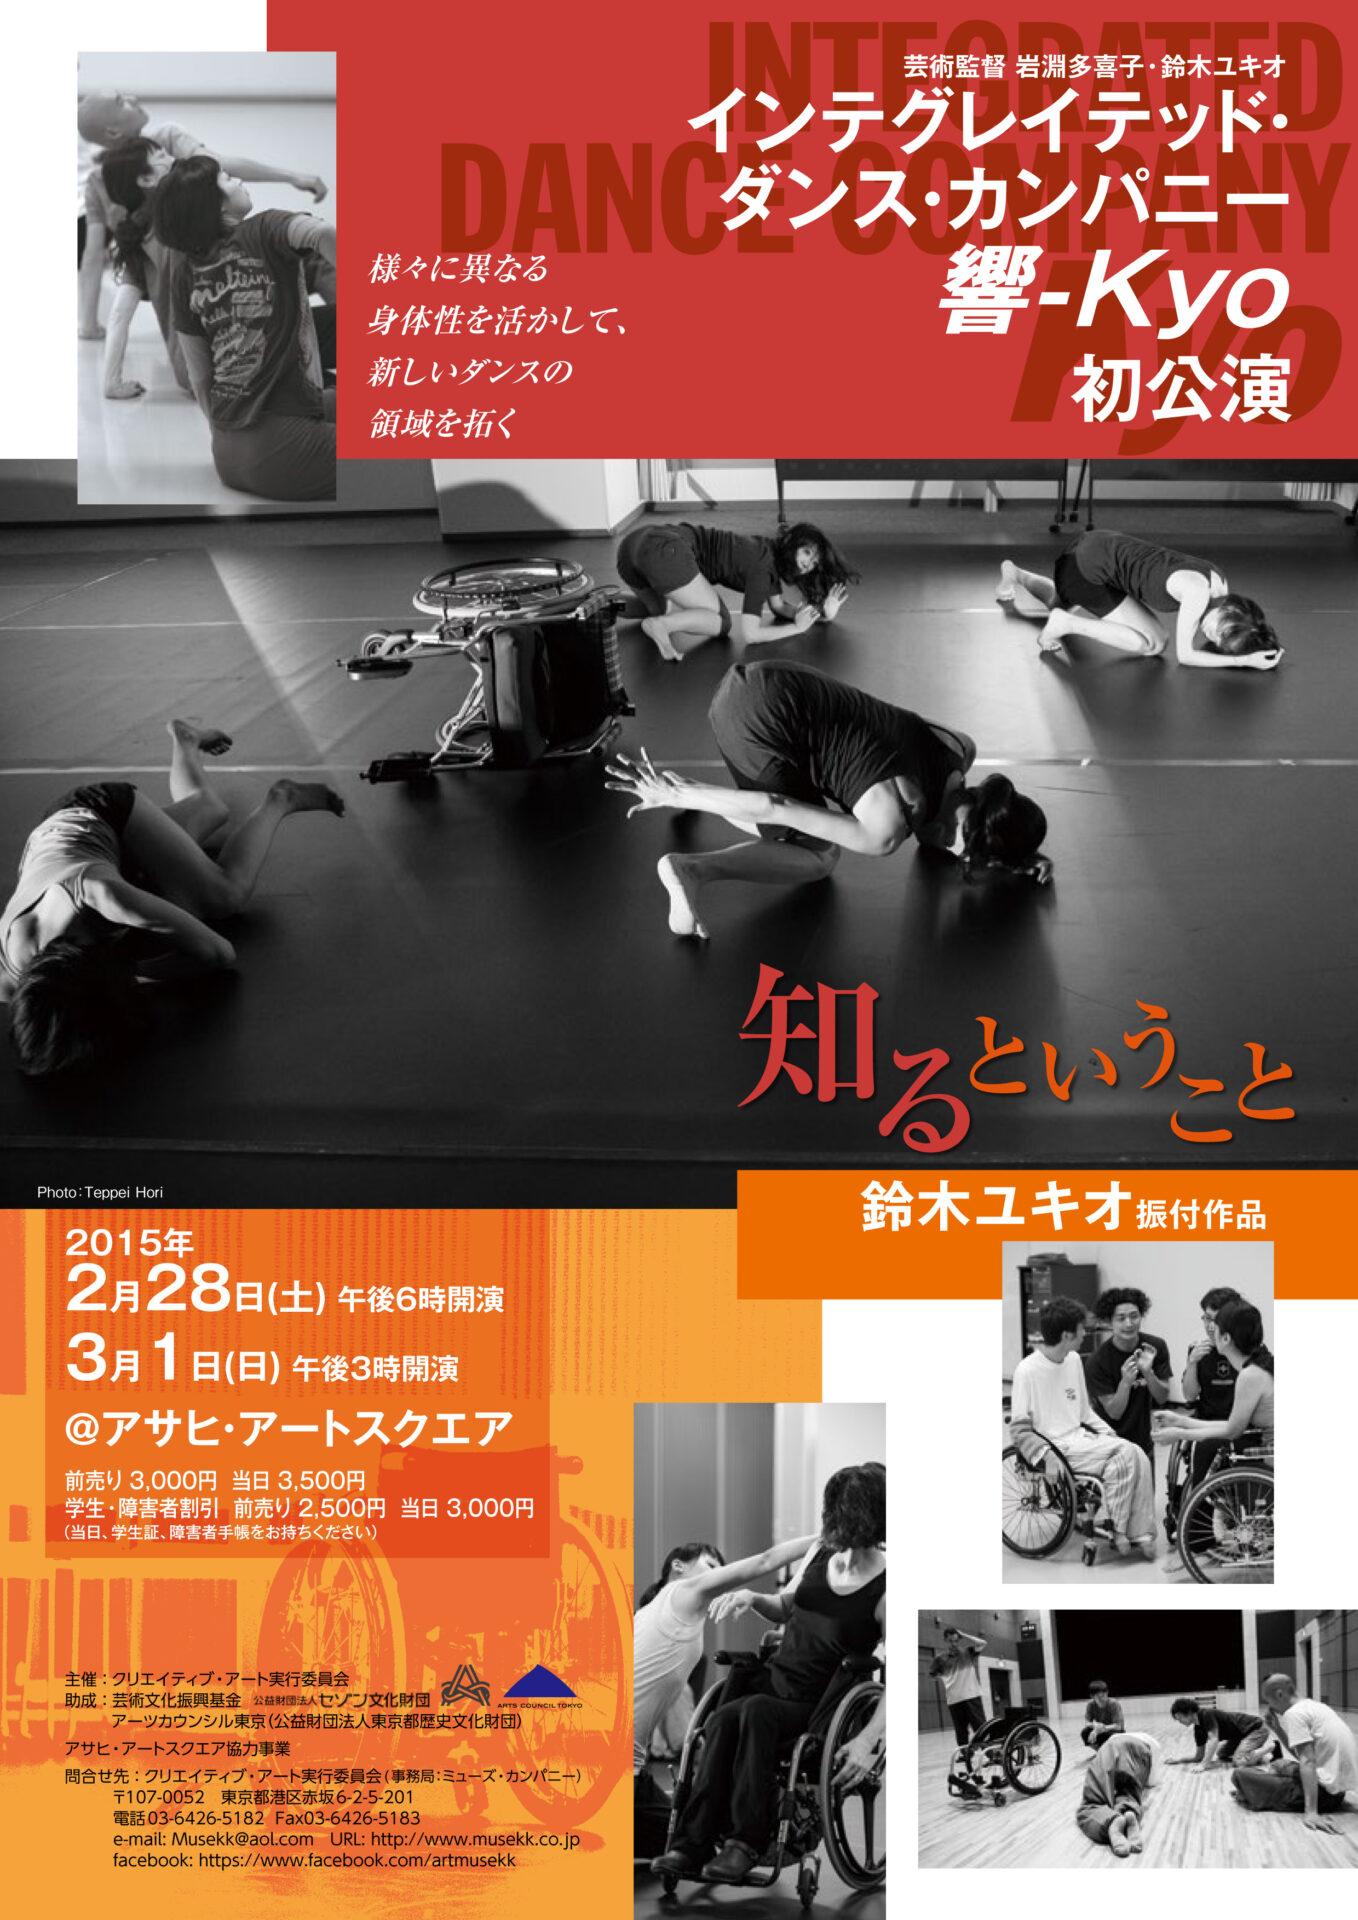 2014年度Integrated dance company 響-Kyo 初公演